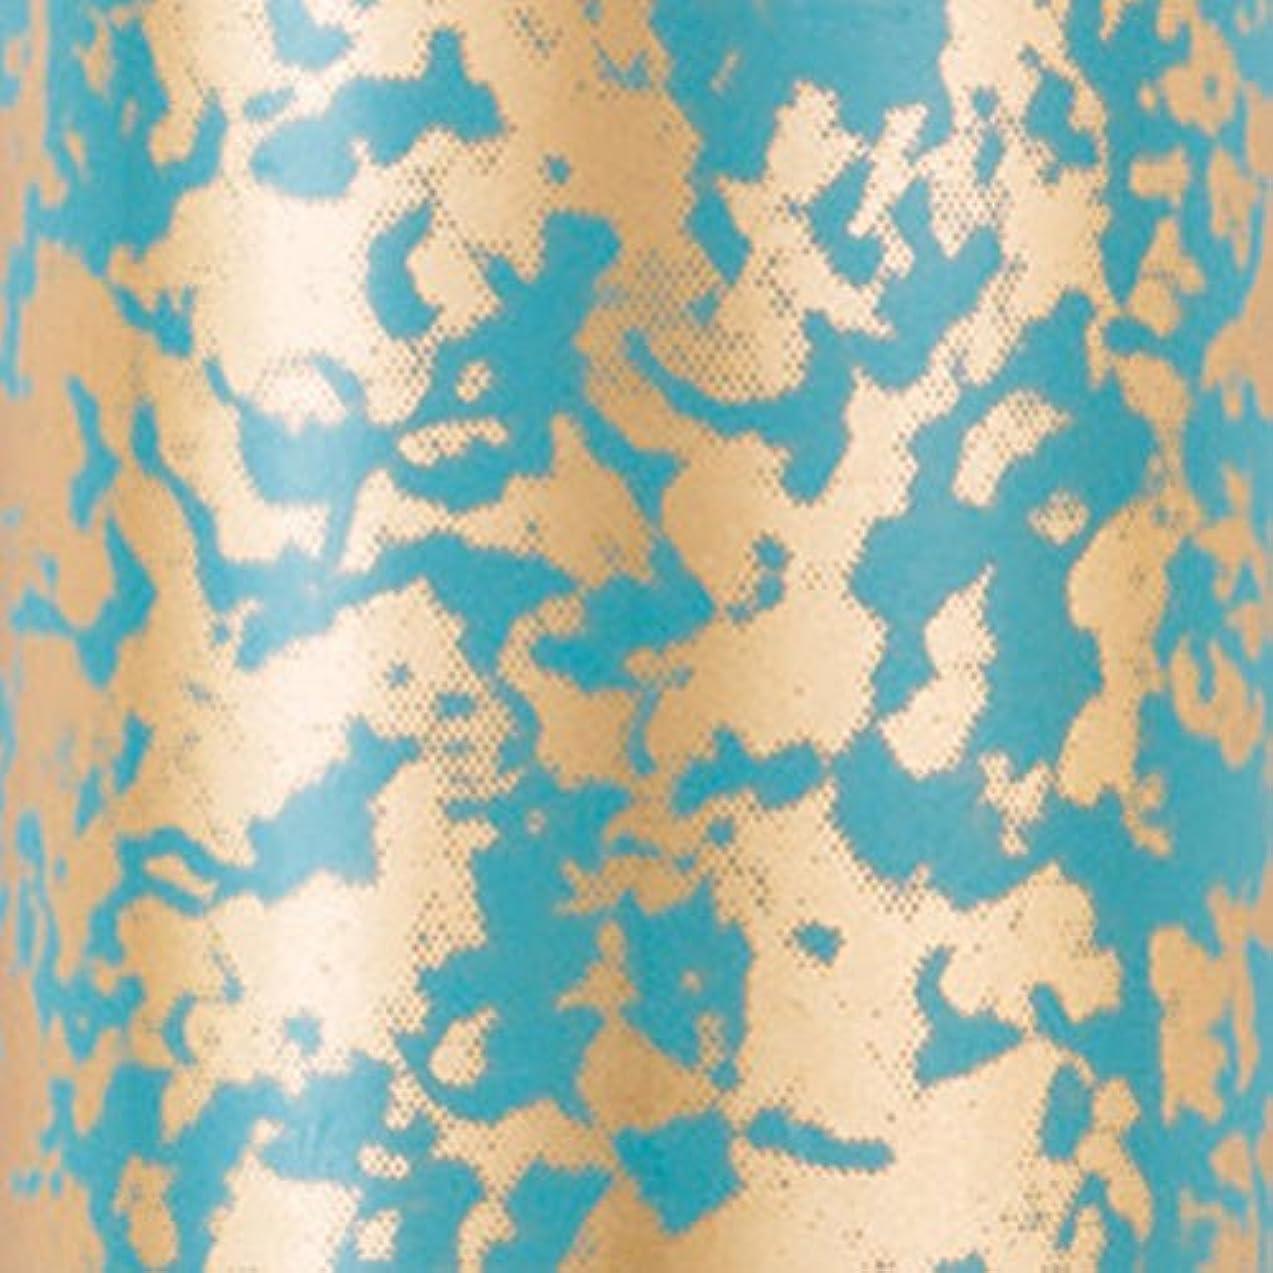 乳製品ぼかすスキャンダルBioSculpture ミラーフォイル ジェイド ジェルアート専用のアートツール アート材